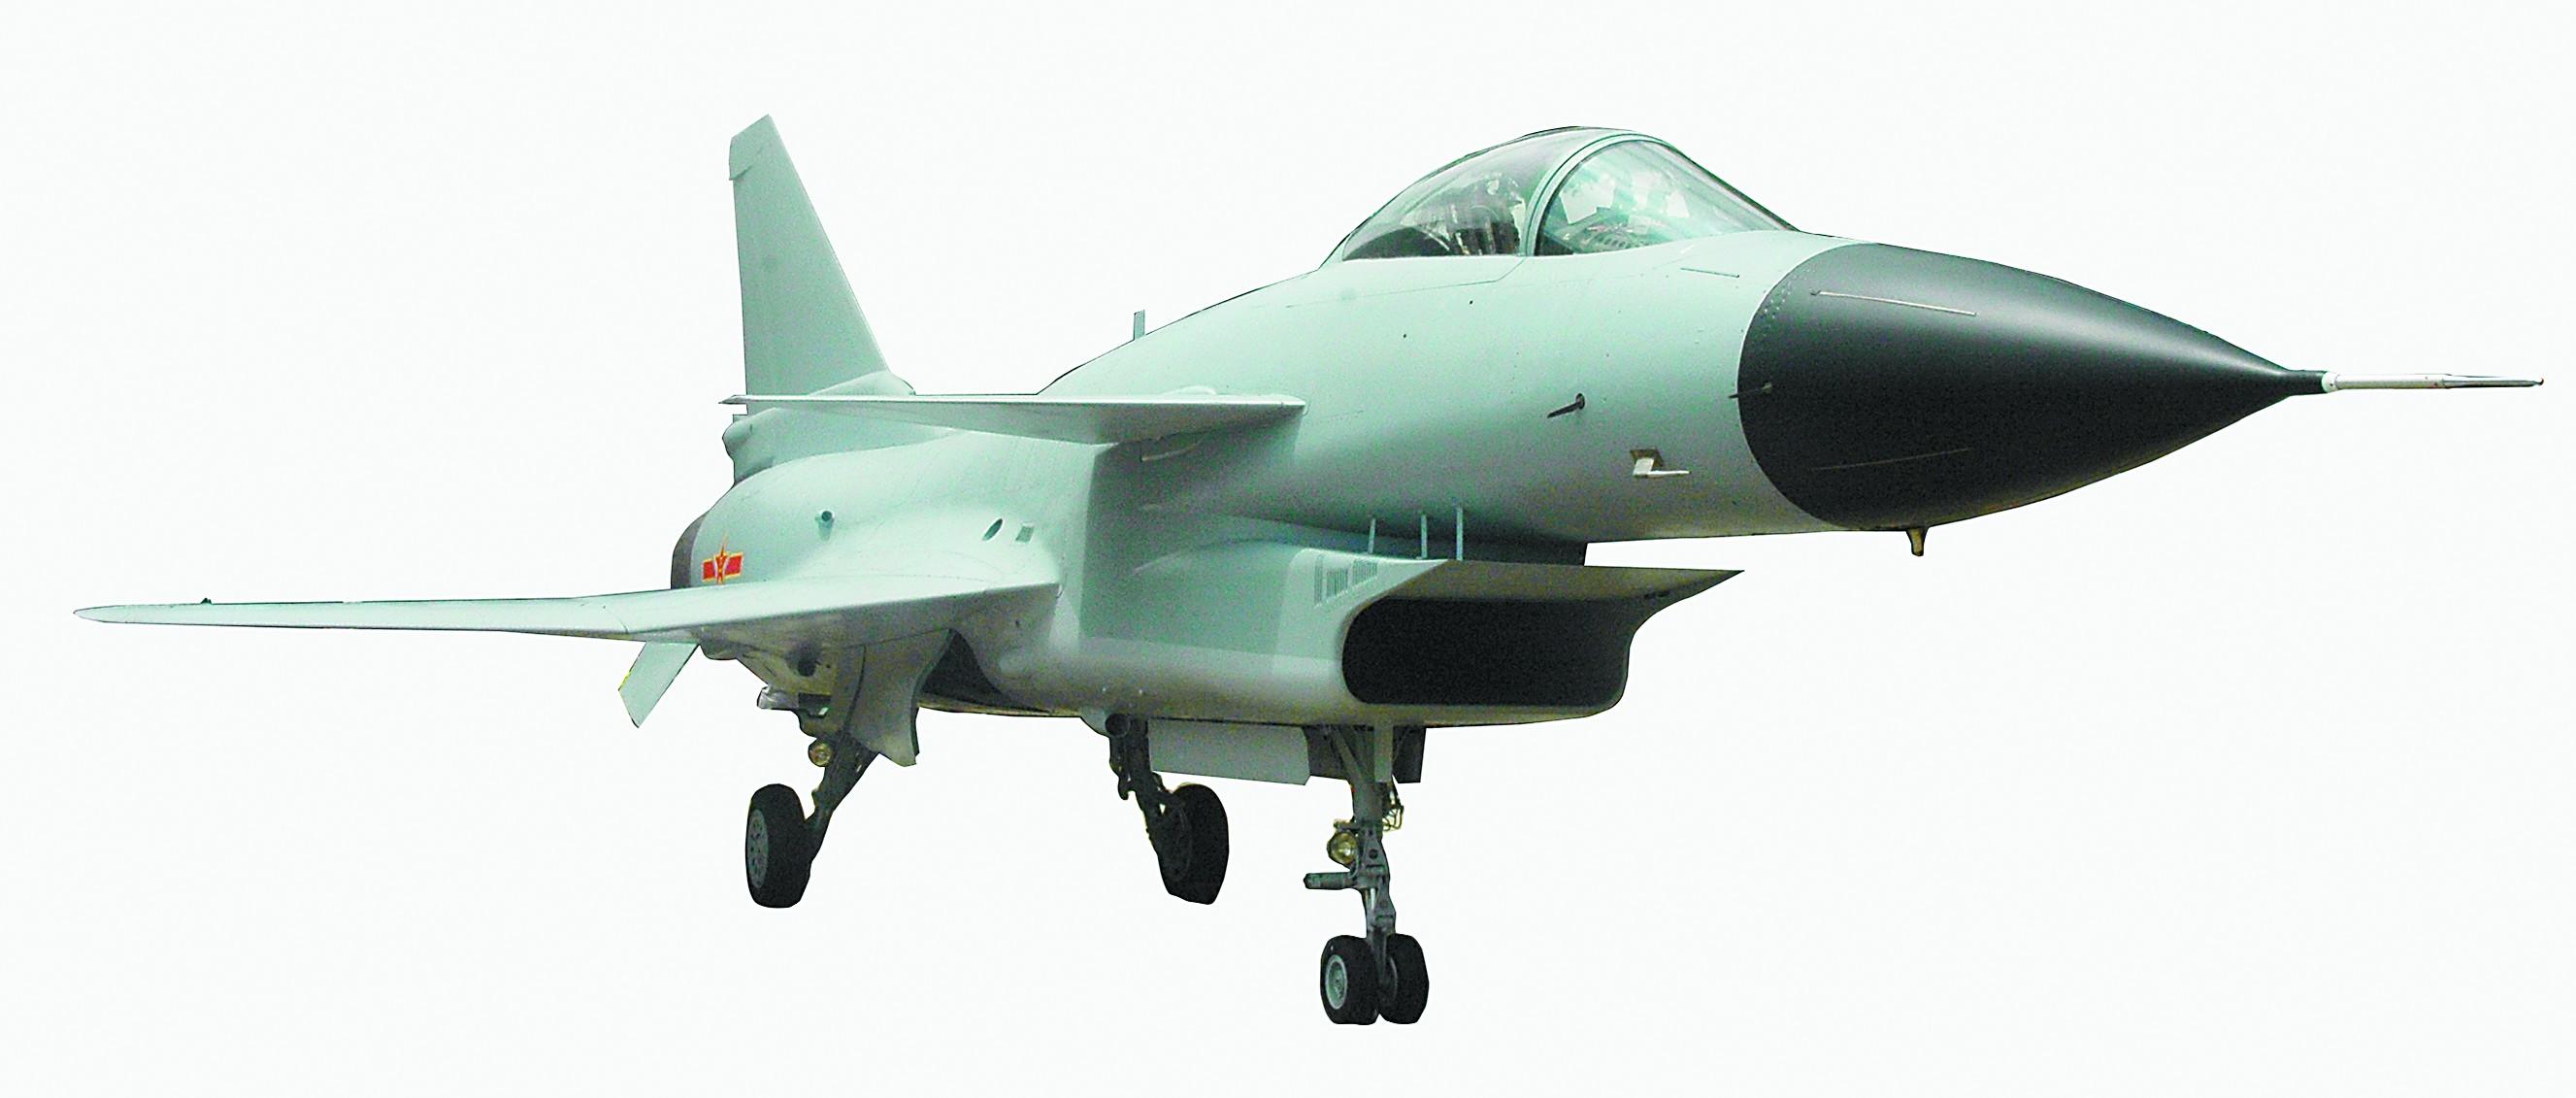 今非昔比:空军战机种类多样化向攻防一体过渡